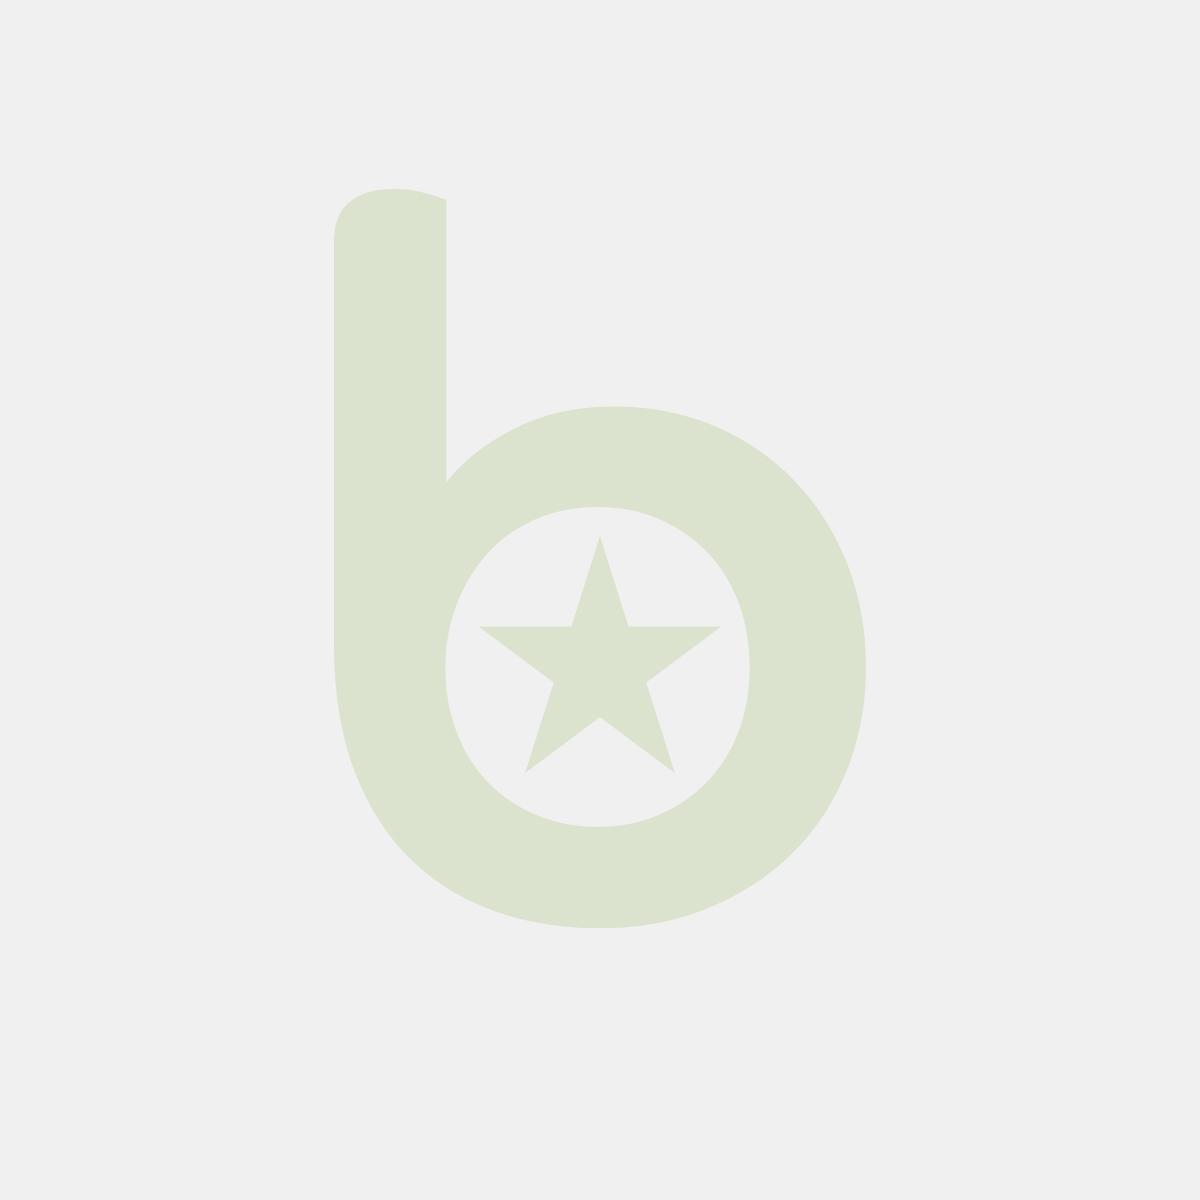 Dekoracyjny worek na pieczywo zielony 18x25x9 cm